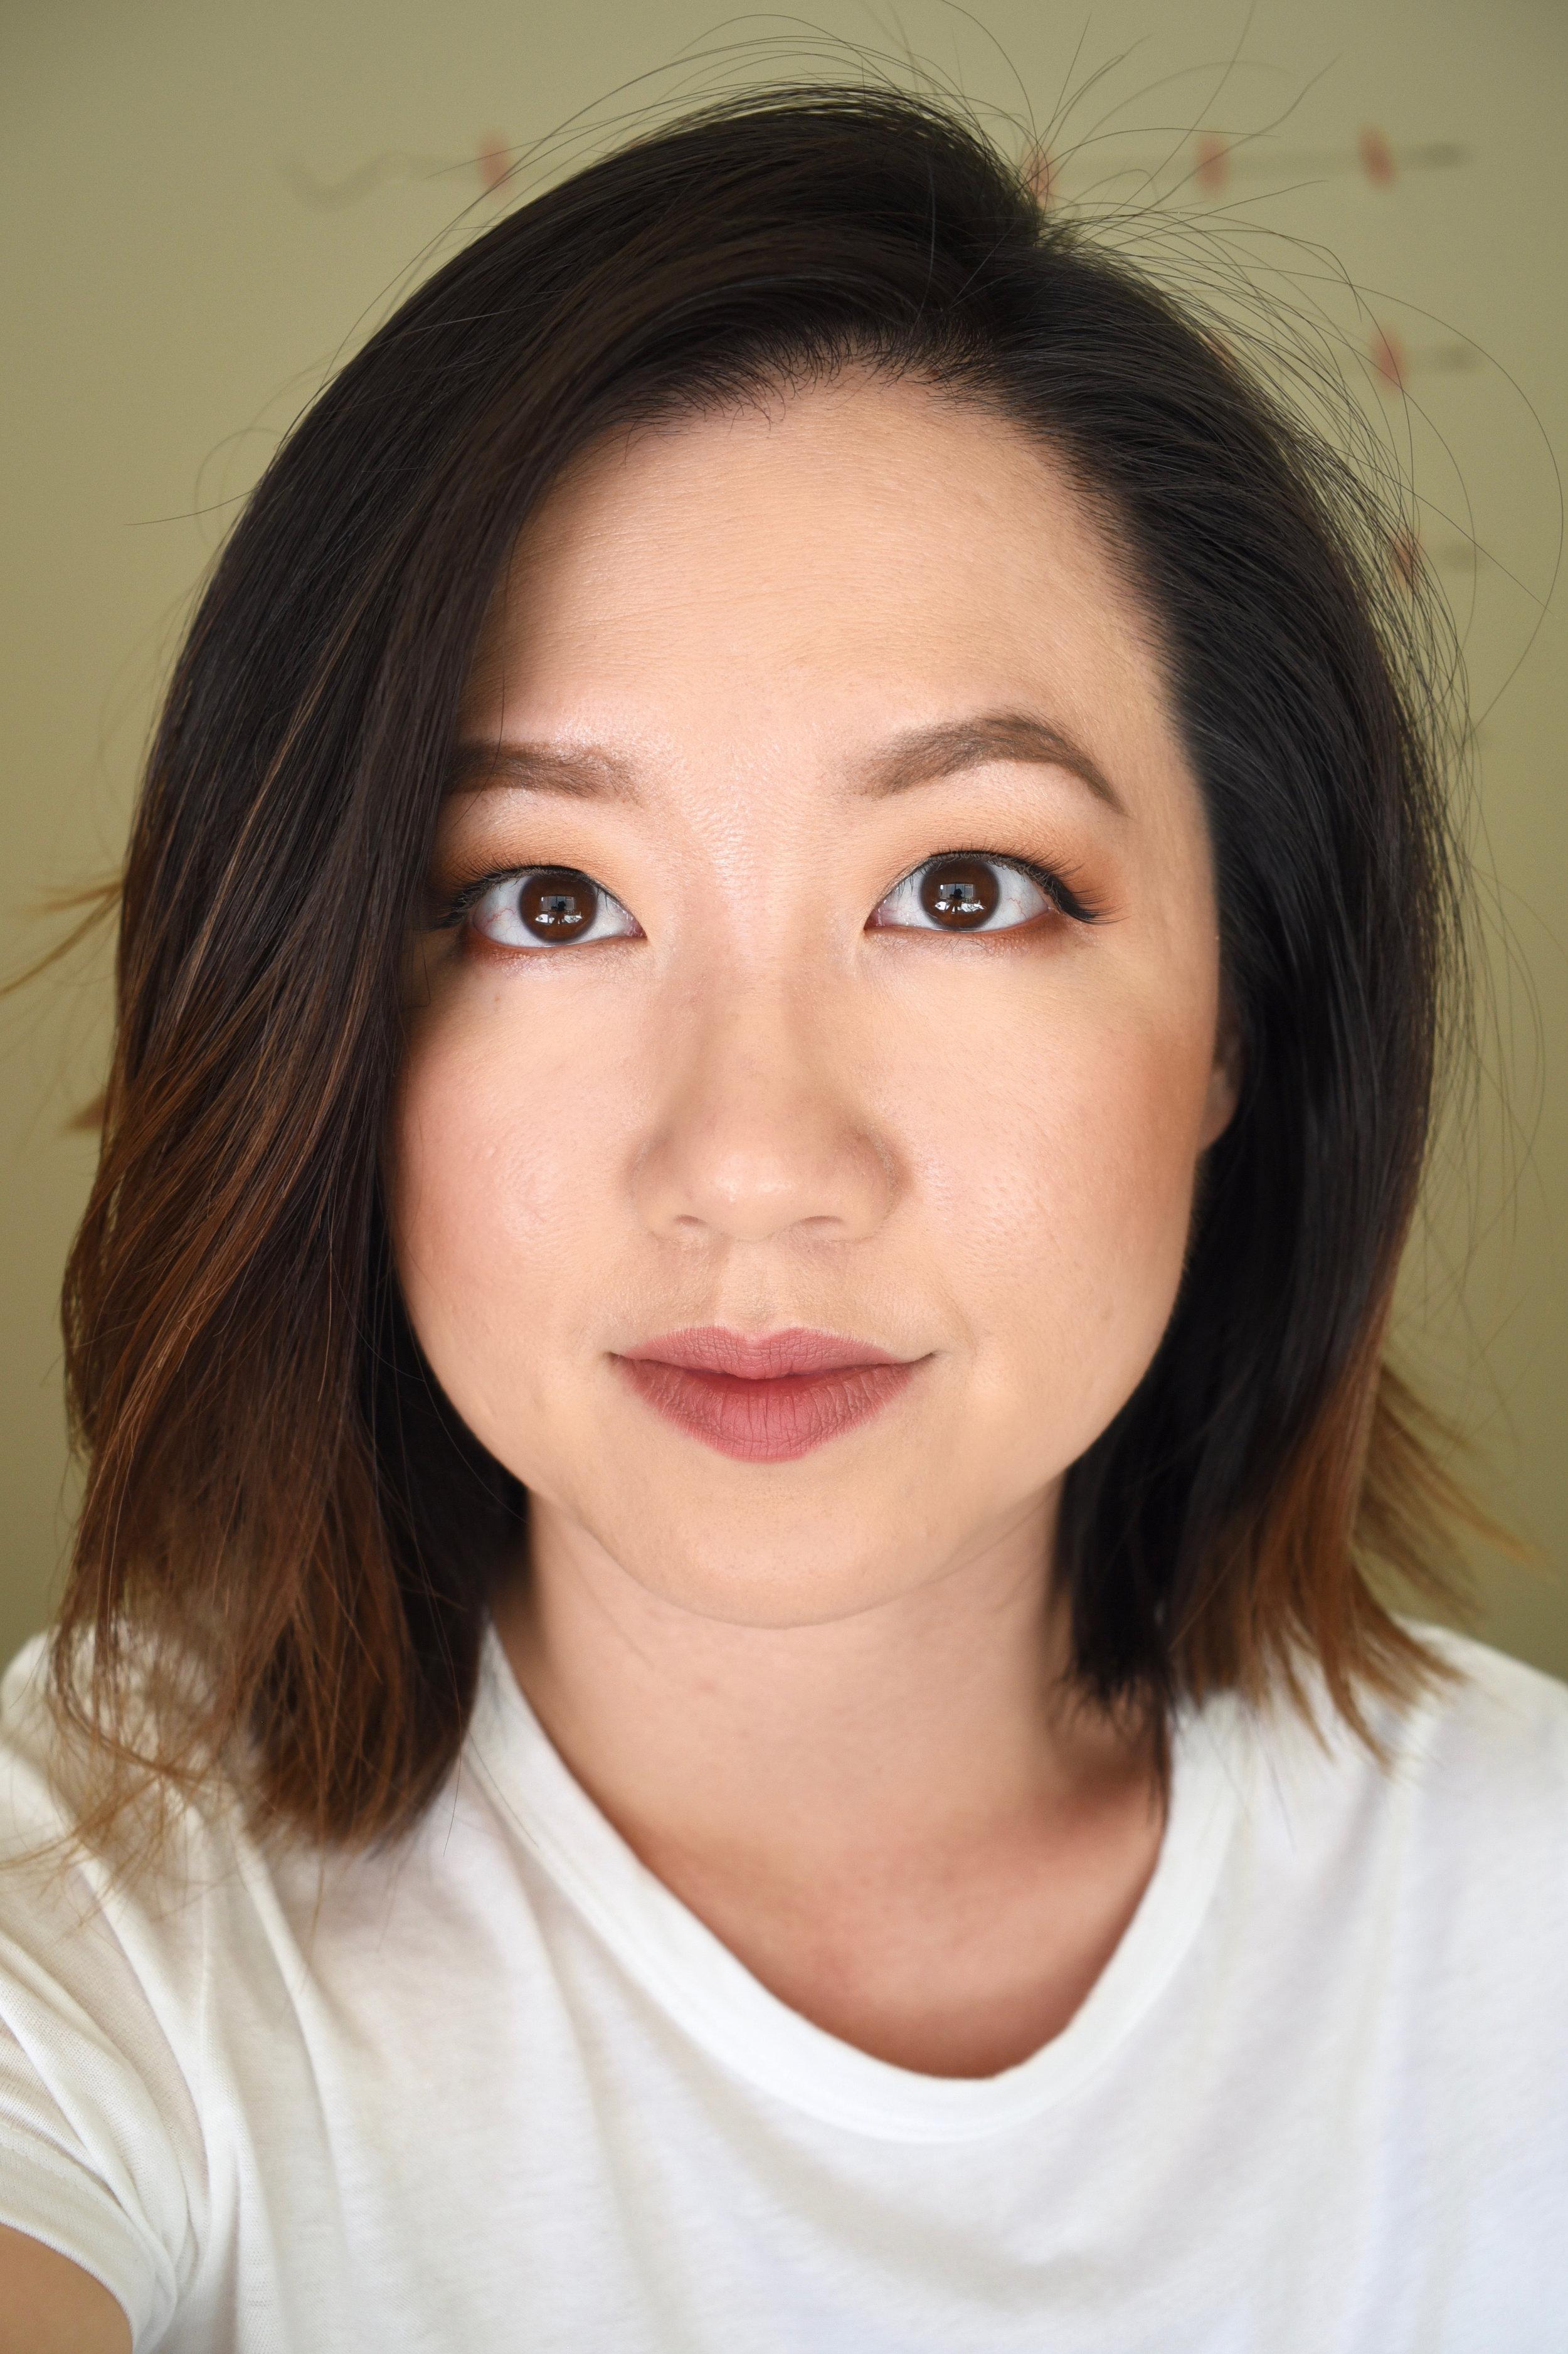 Morphe Jaclyn Hill Review for Asian Eyes__DSC_7925.jpg